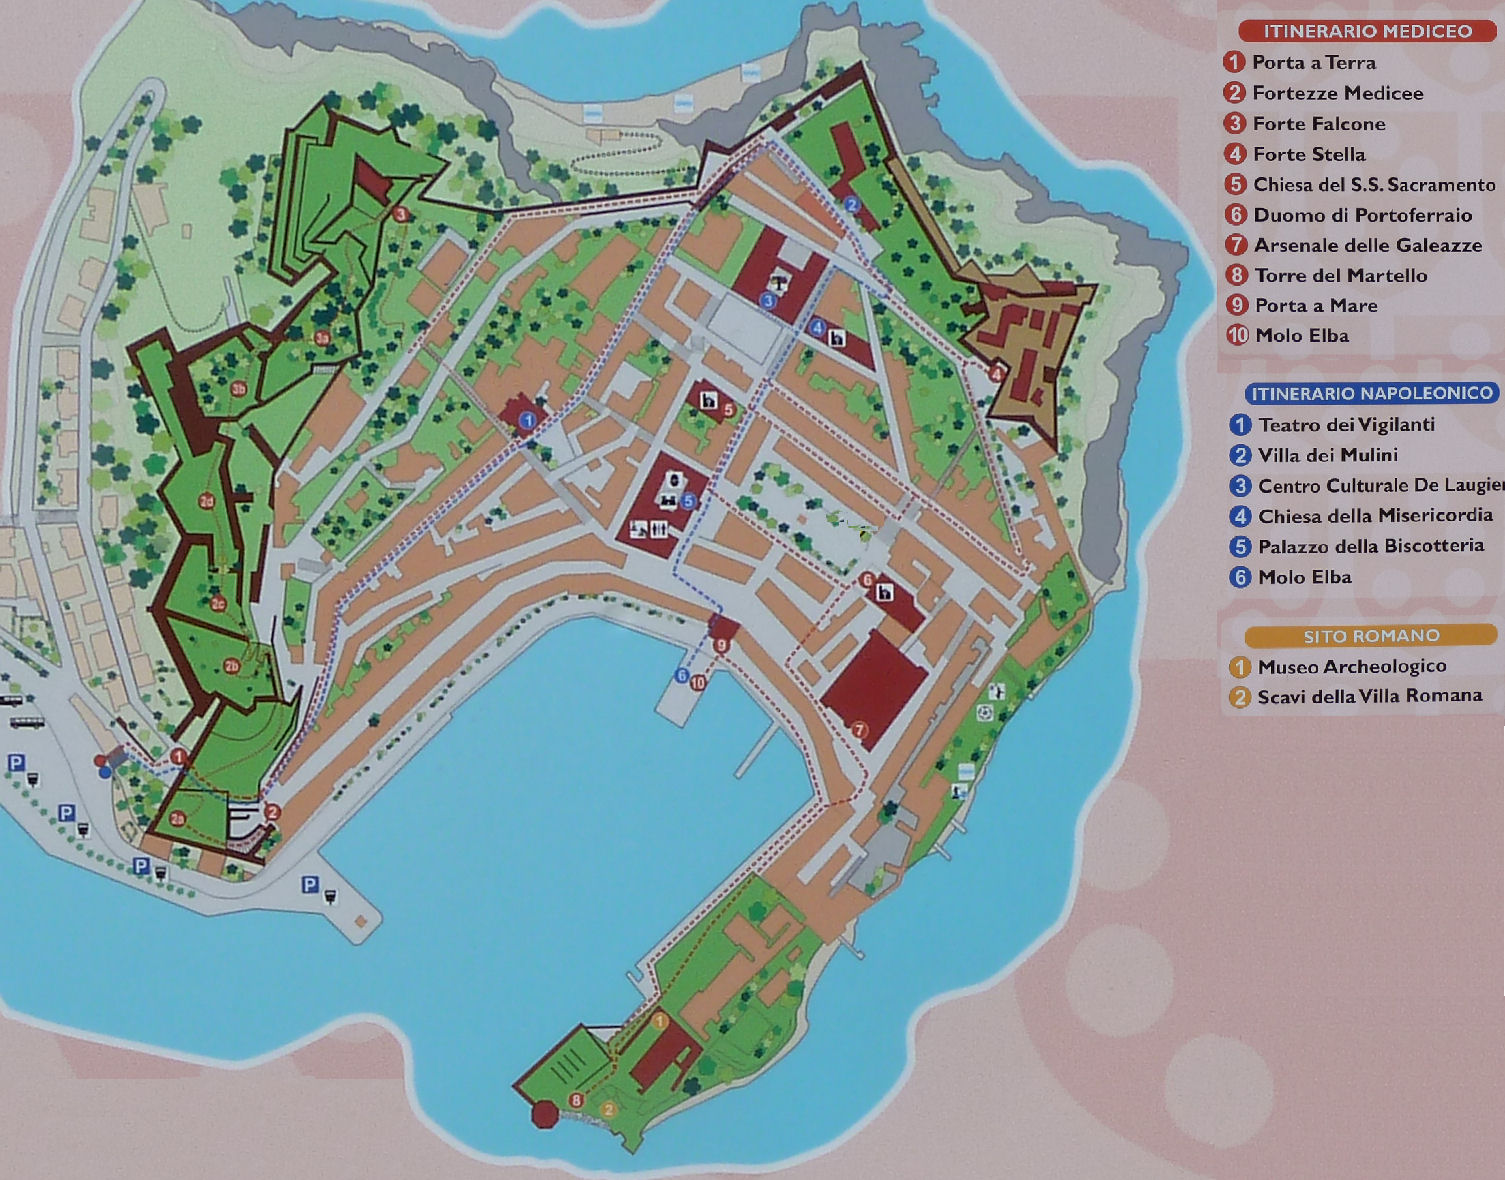 Cartina Turistica Di Venezia.Cartina Di Portoferraio